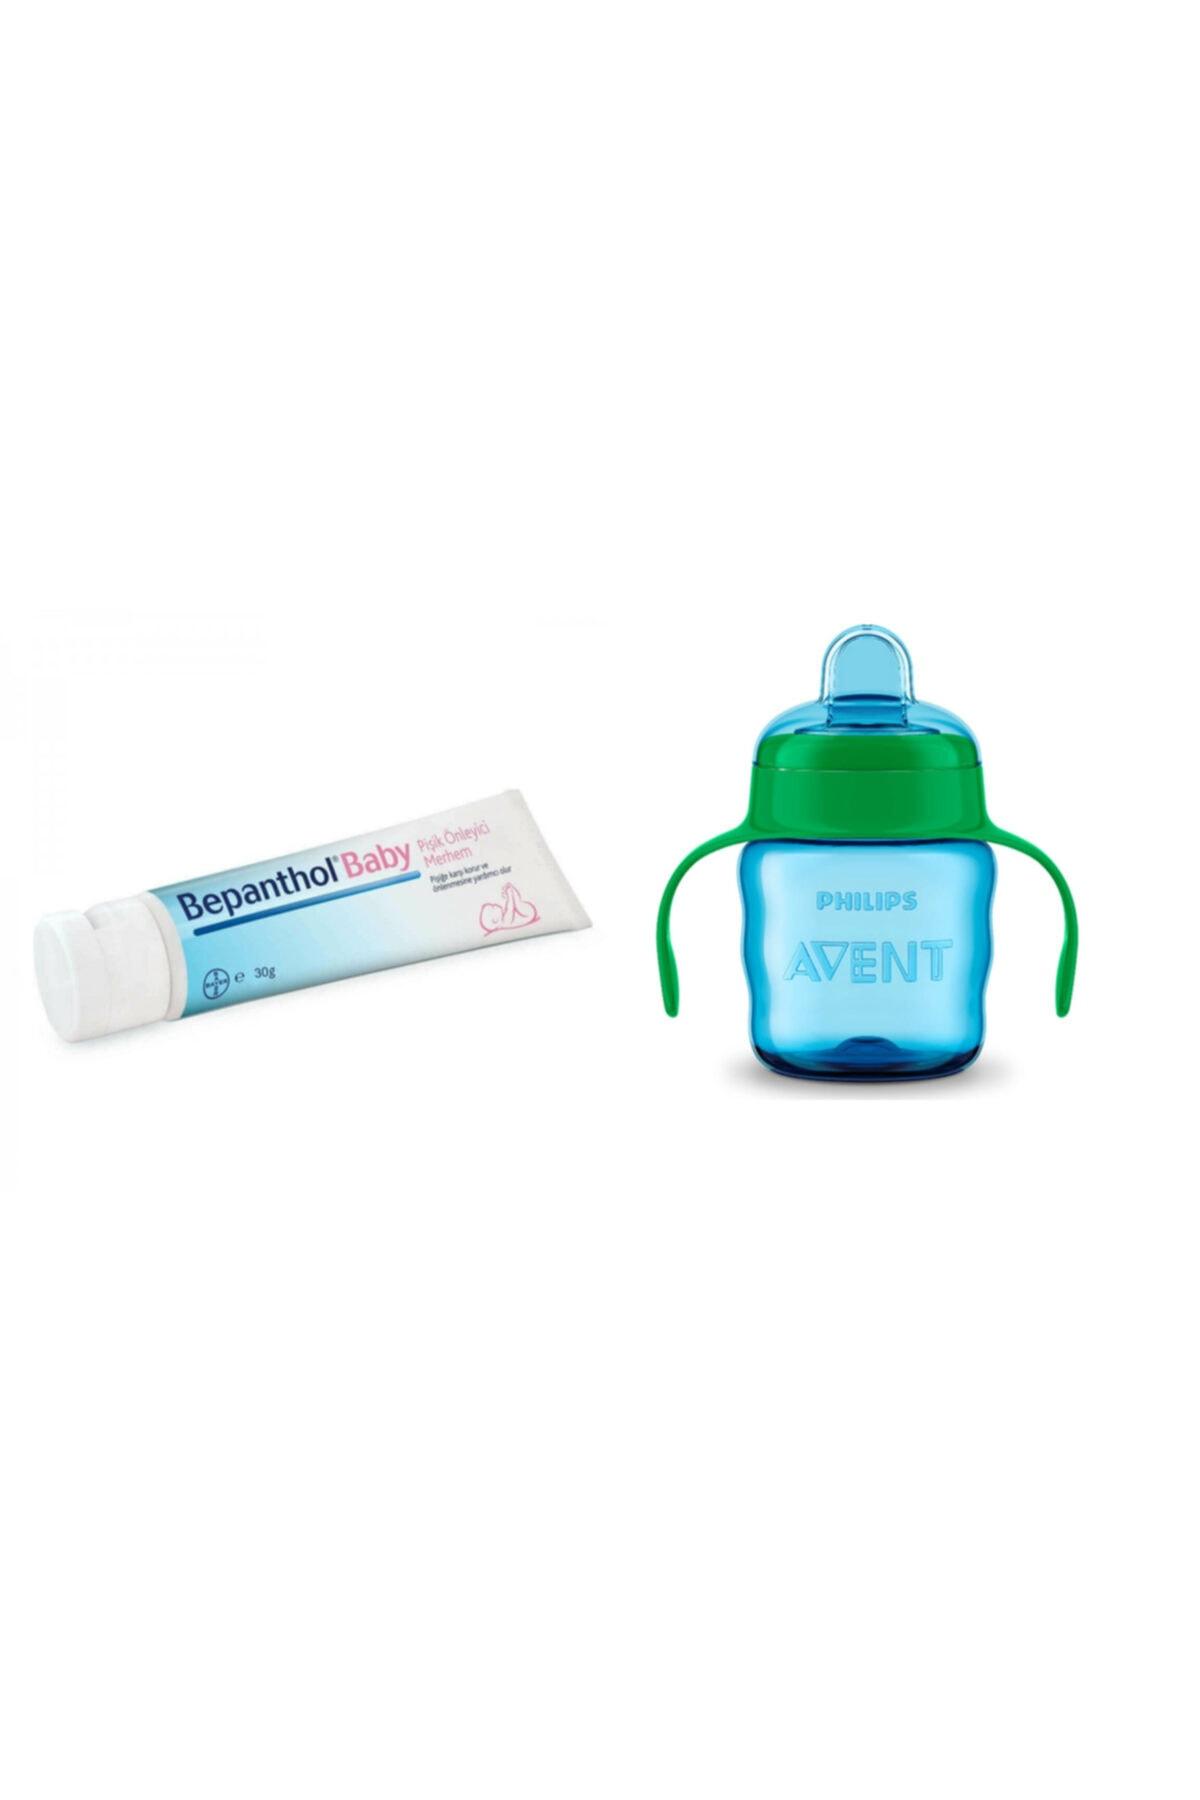 Bepanthol ® Baby Pişik Önleyici Merhem 30gr + Philips Avent Avent Eğitici Bardak 200 Ml 6m+ Erkek 1